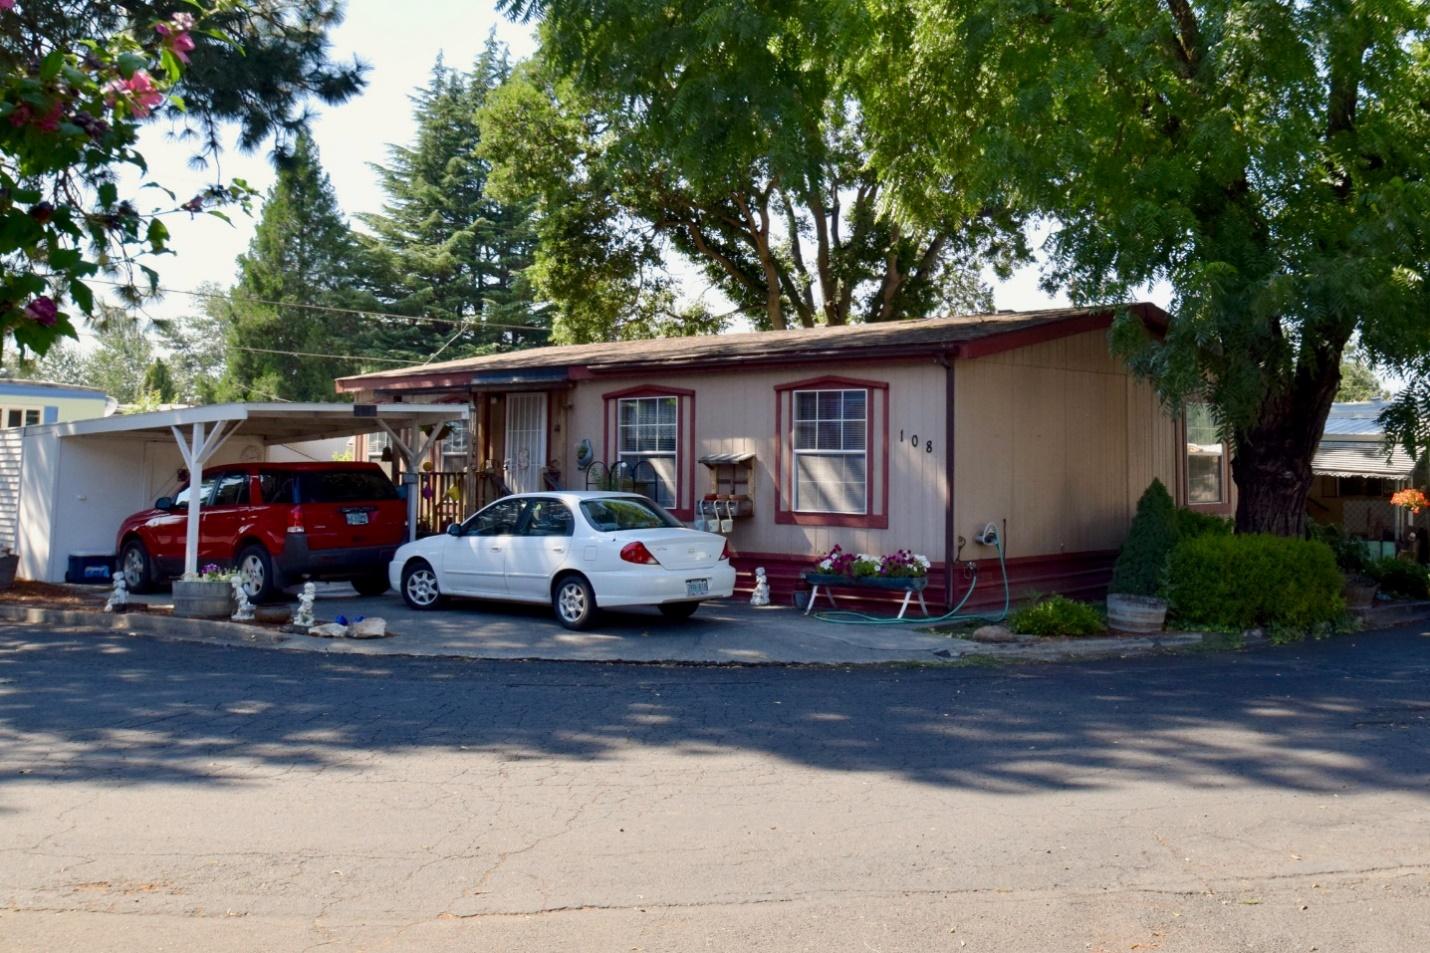 Manufactered Home For Sale At Royal Oaks Mobile Manor Medford Oregon